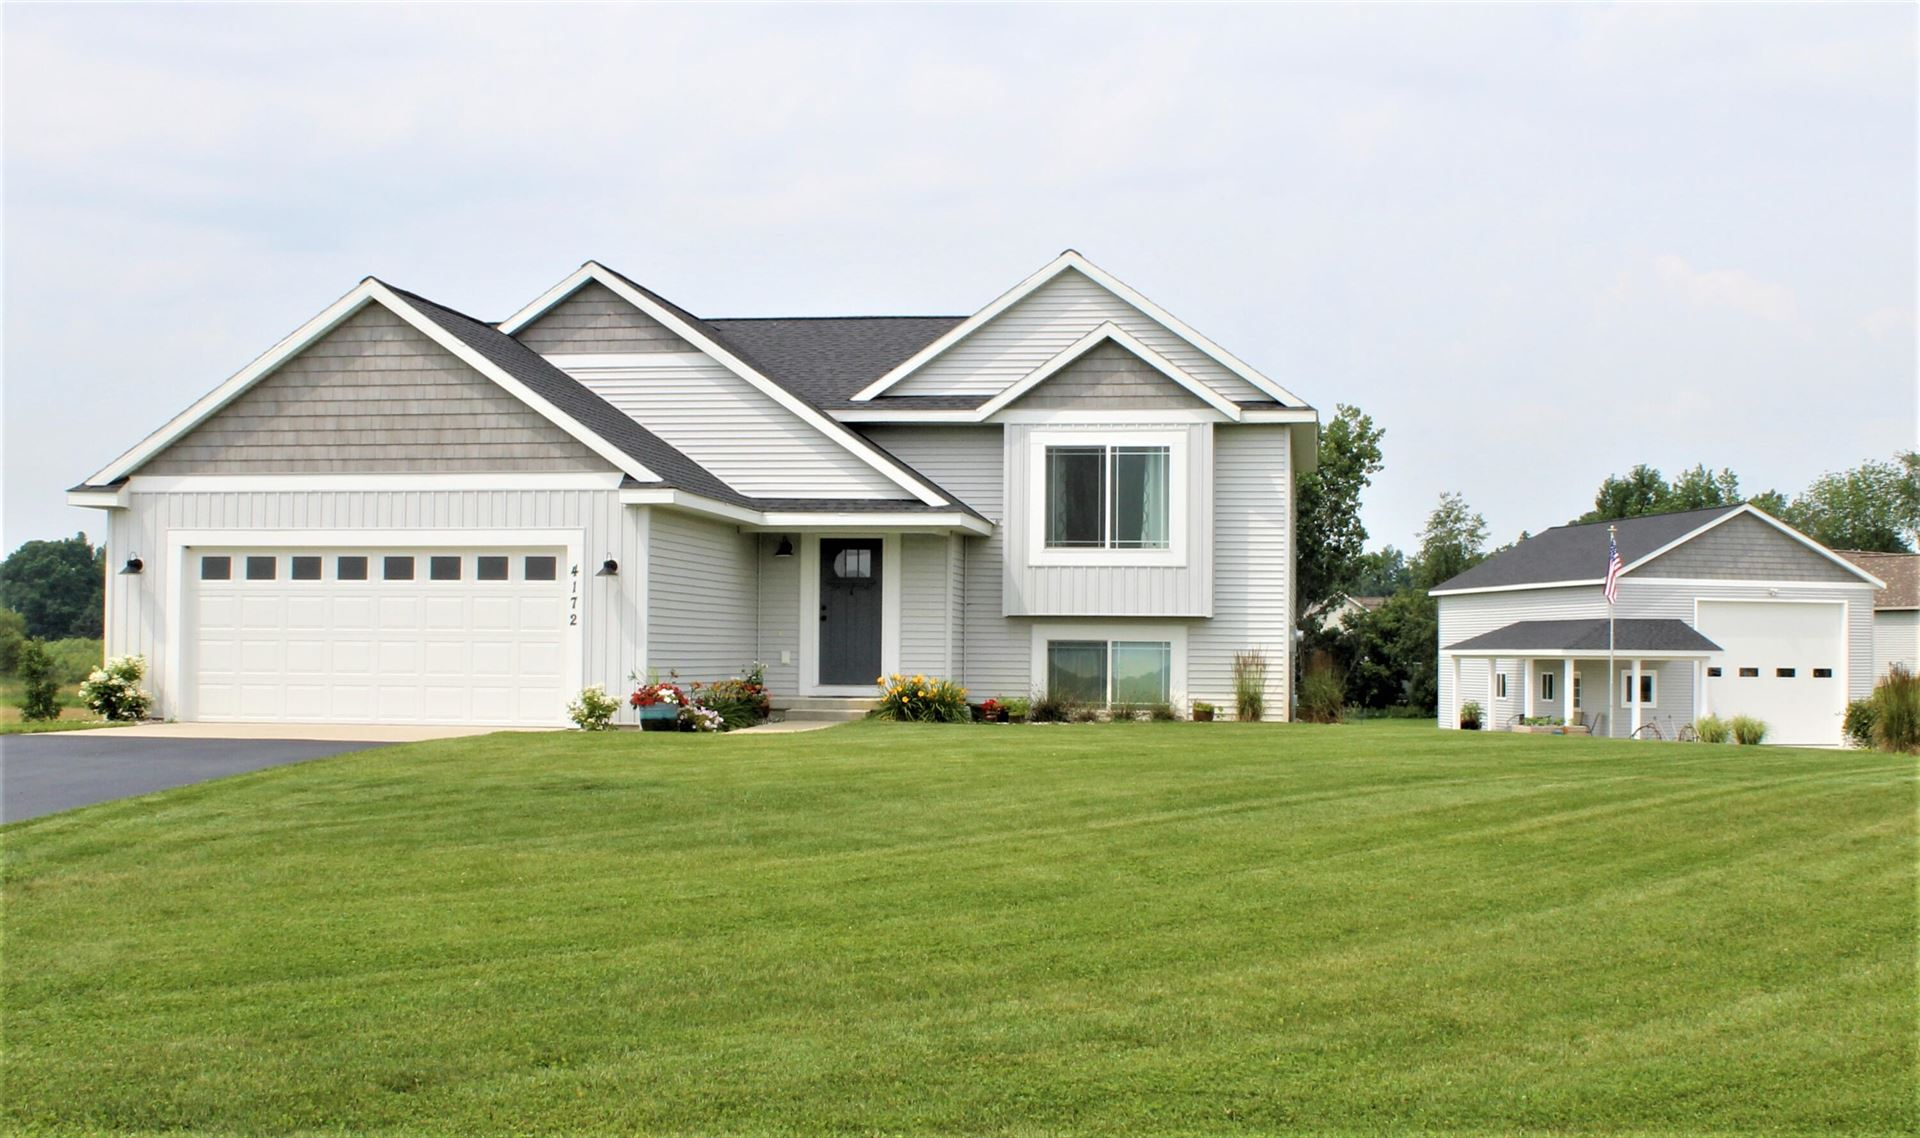 4172 Spring Meadow Drive, Hamilton, MI 49419 - MLS#: 21026970